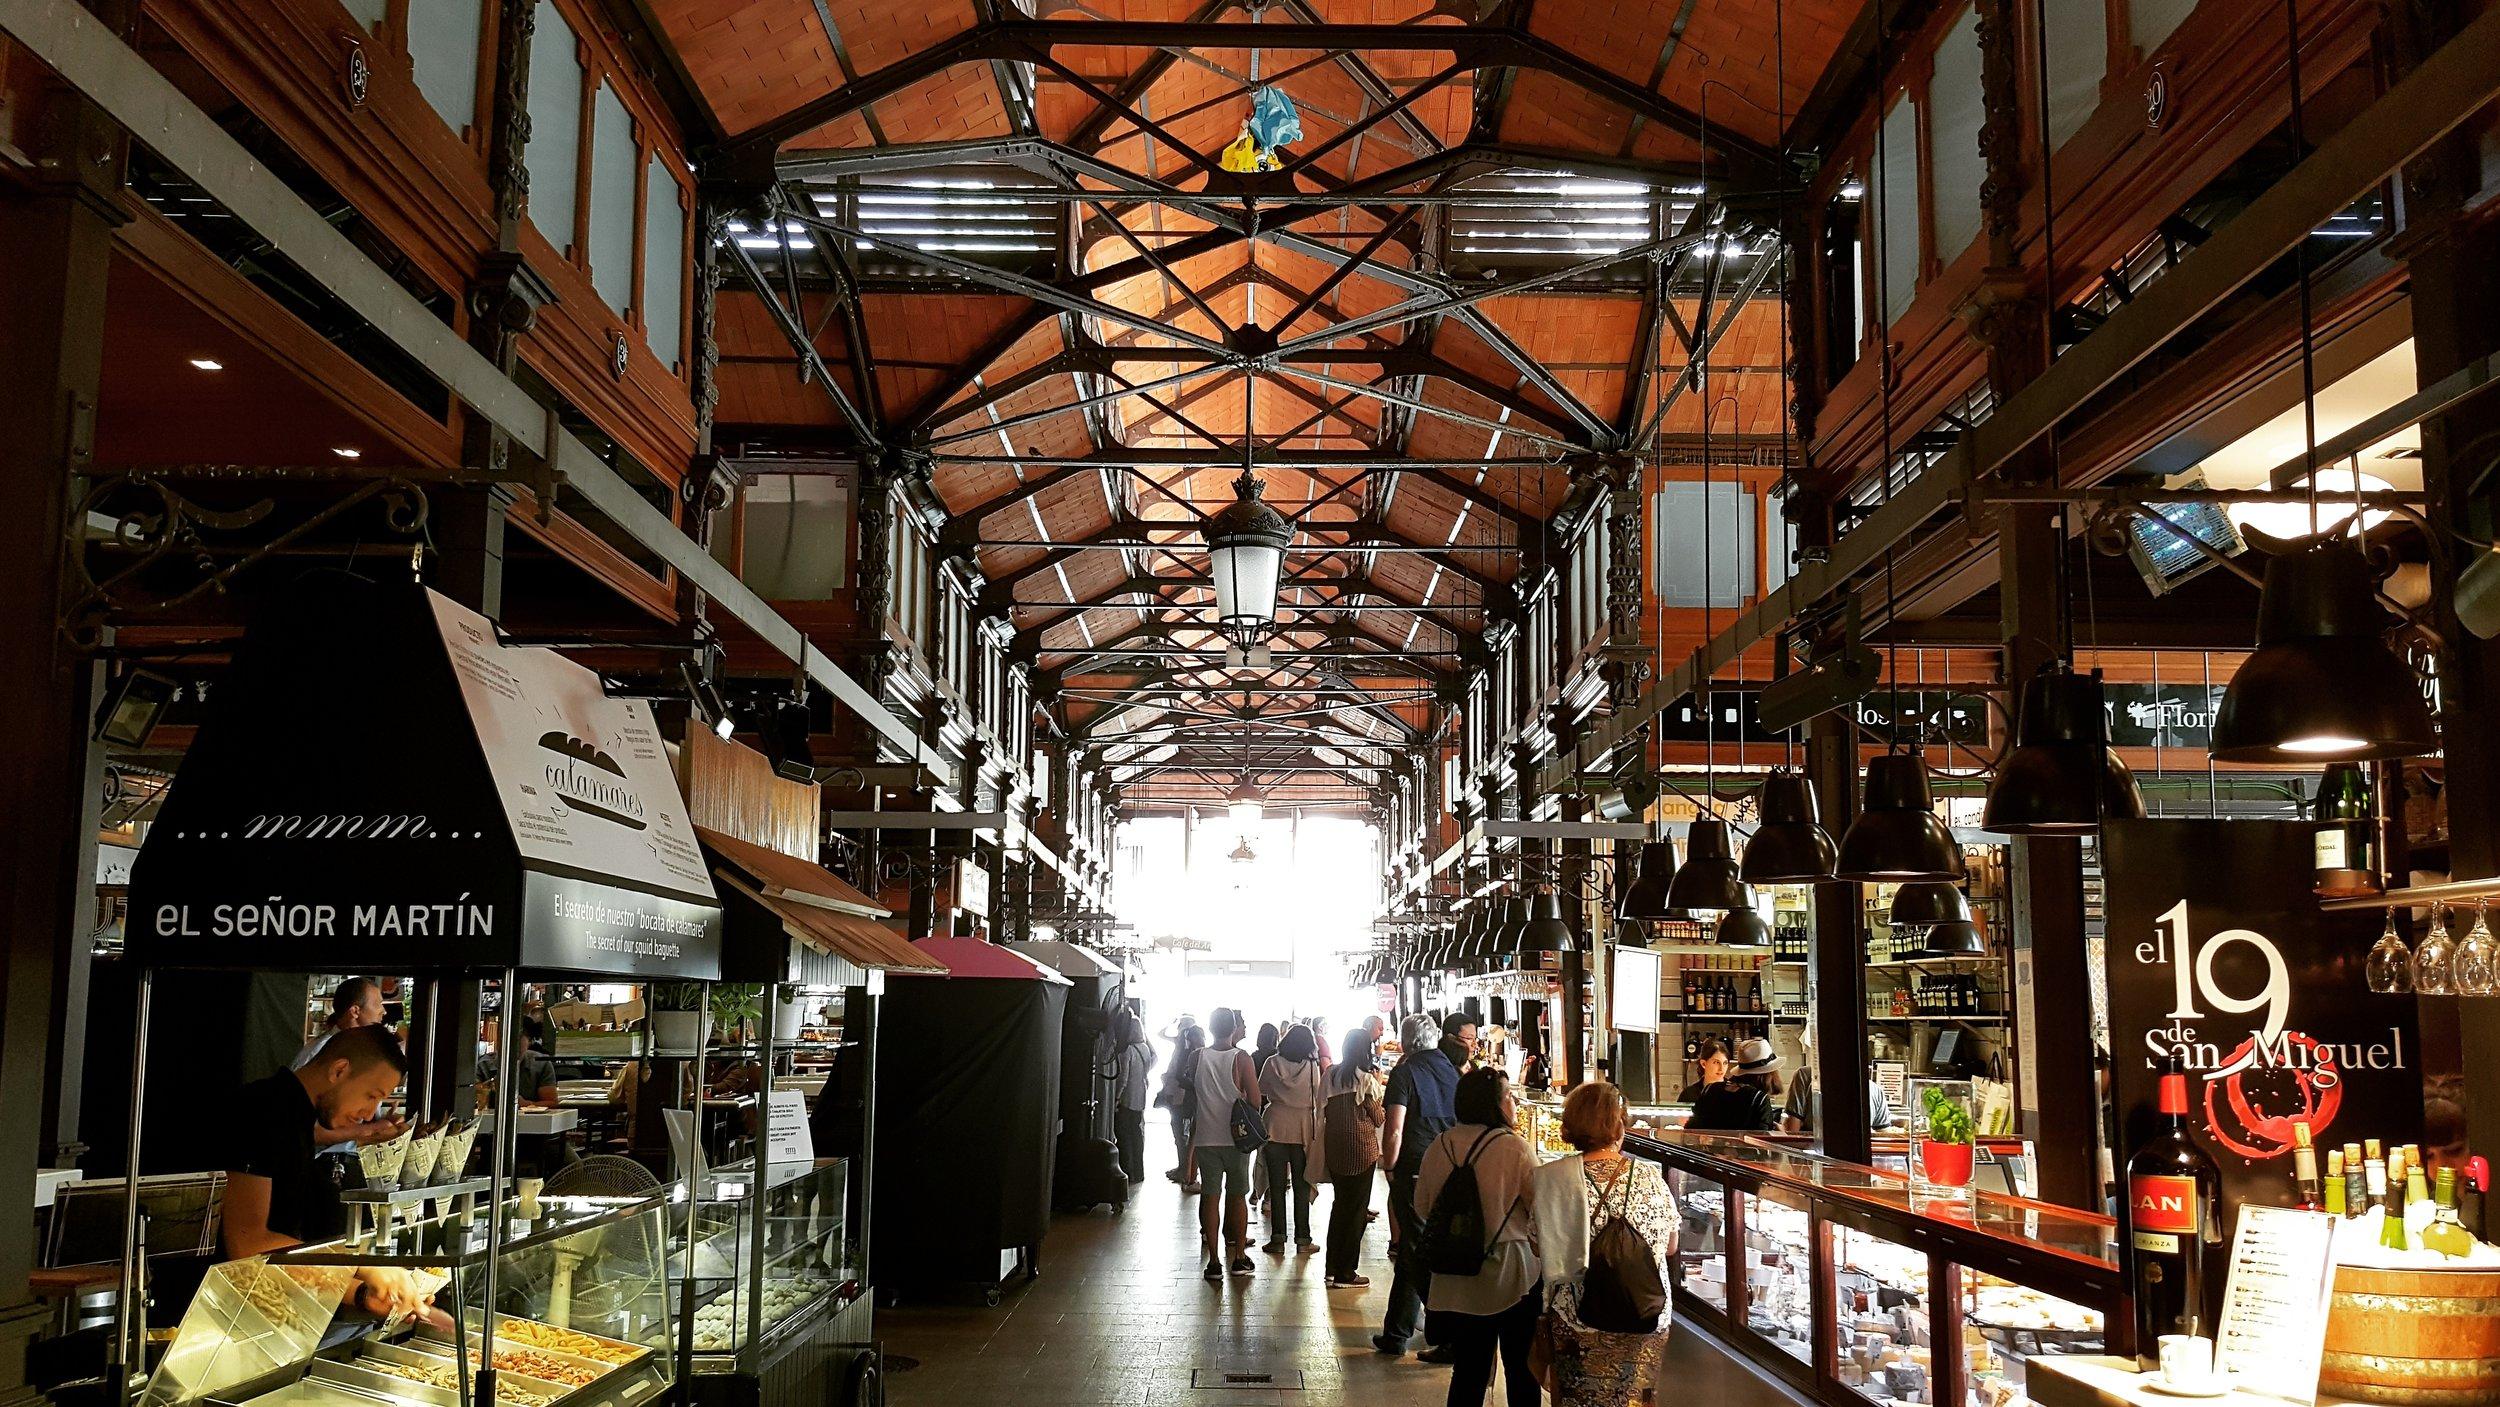 Mercado de San Miguela